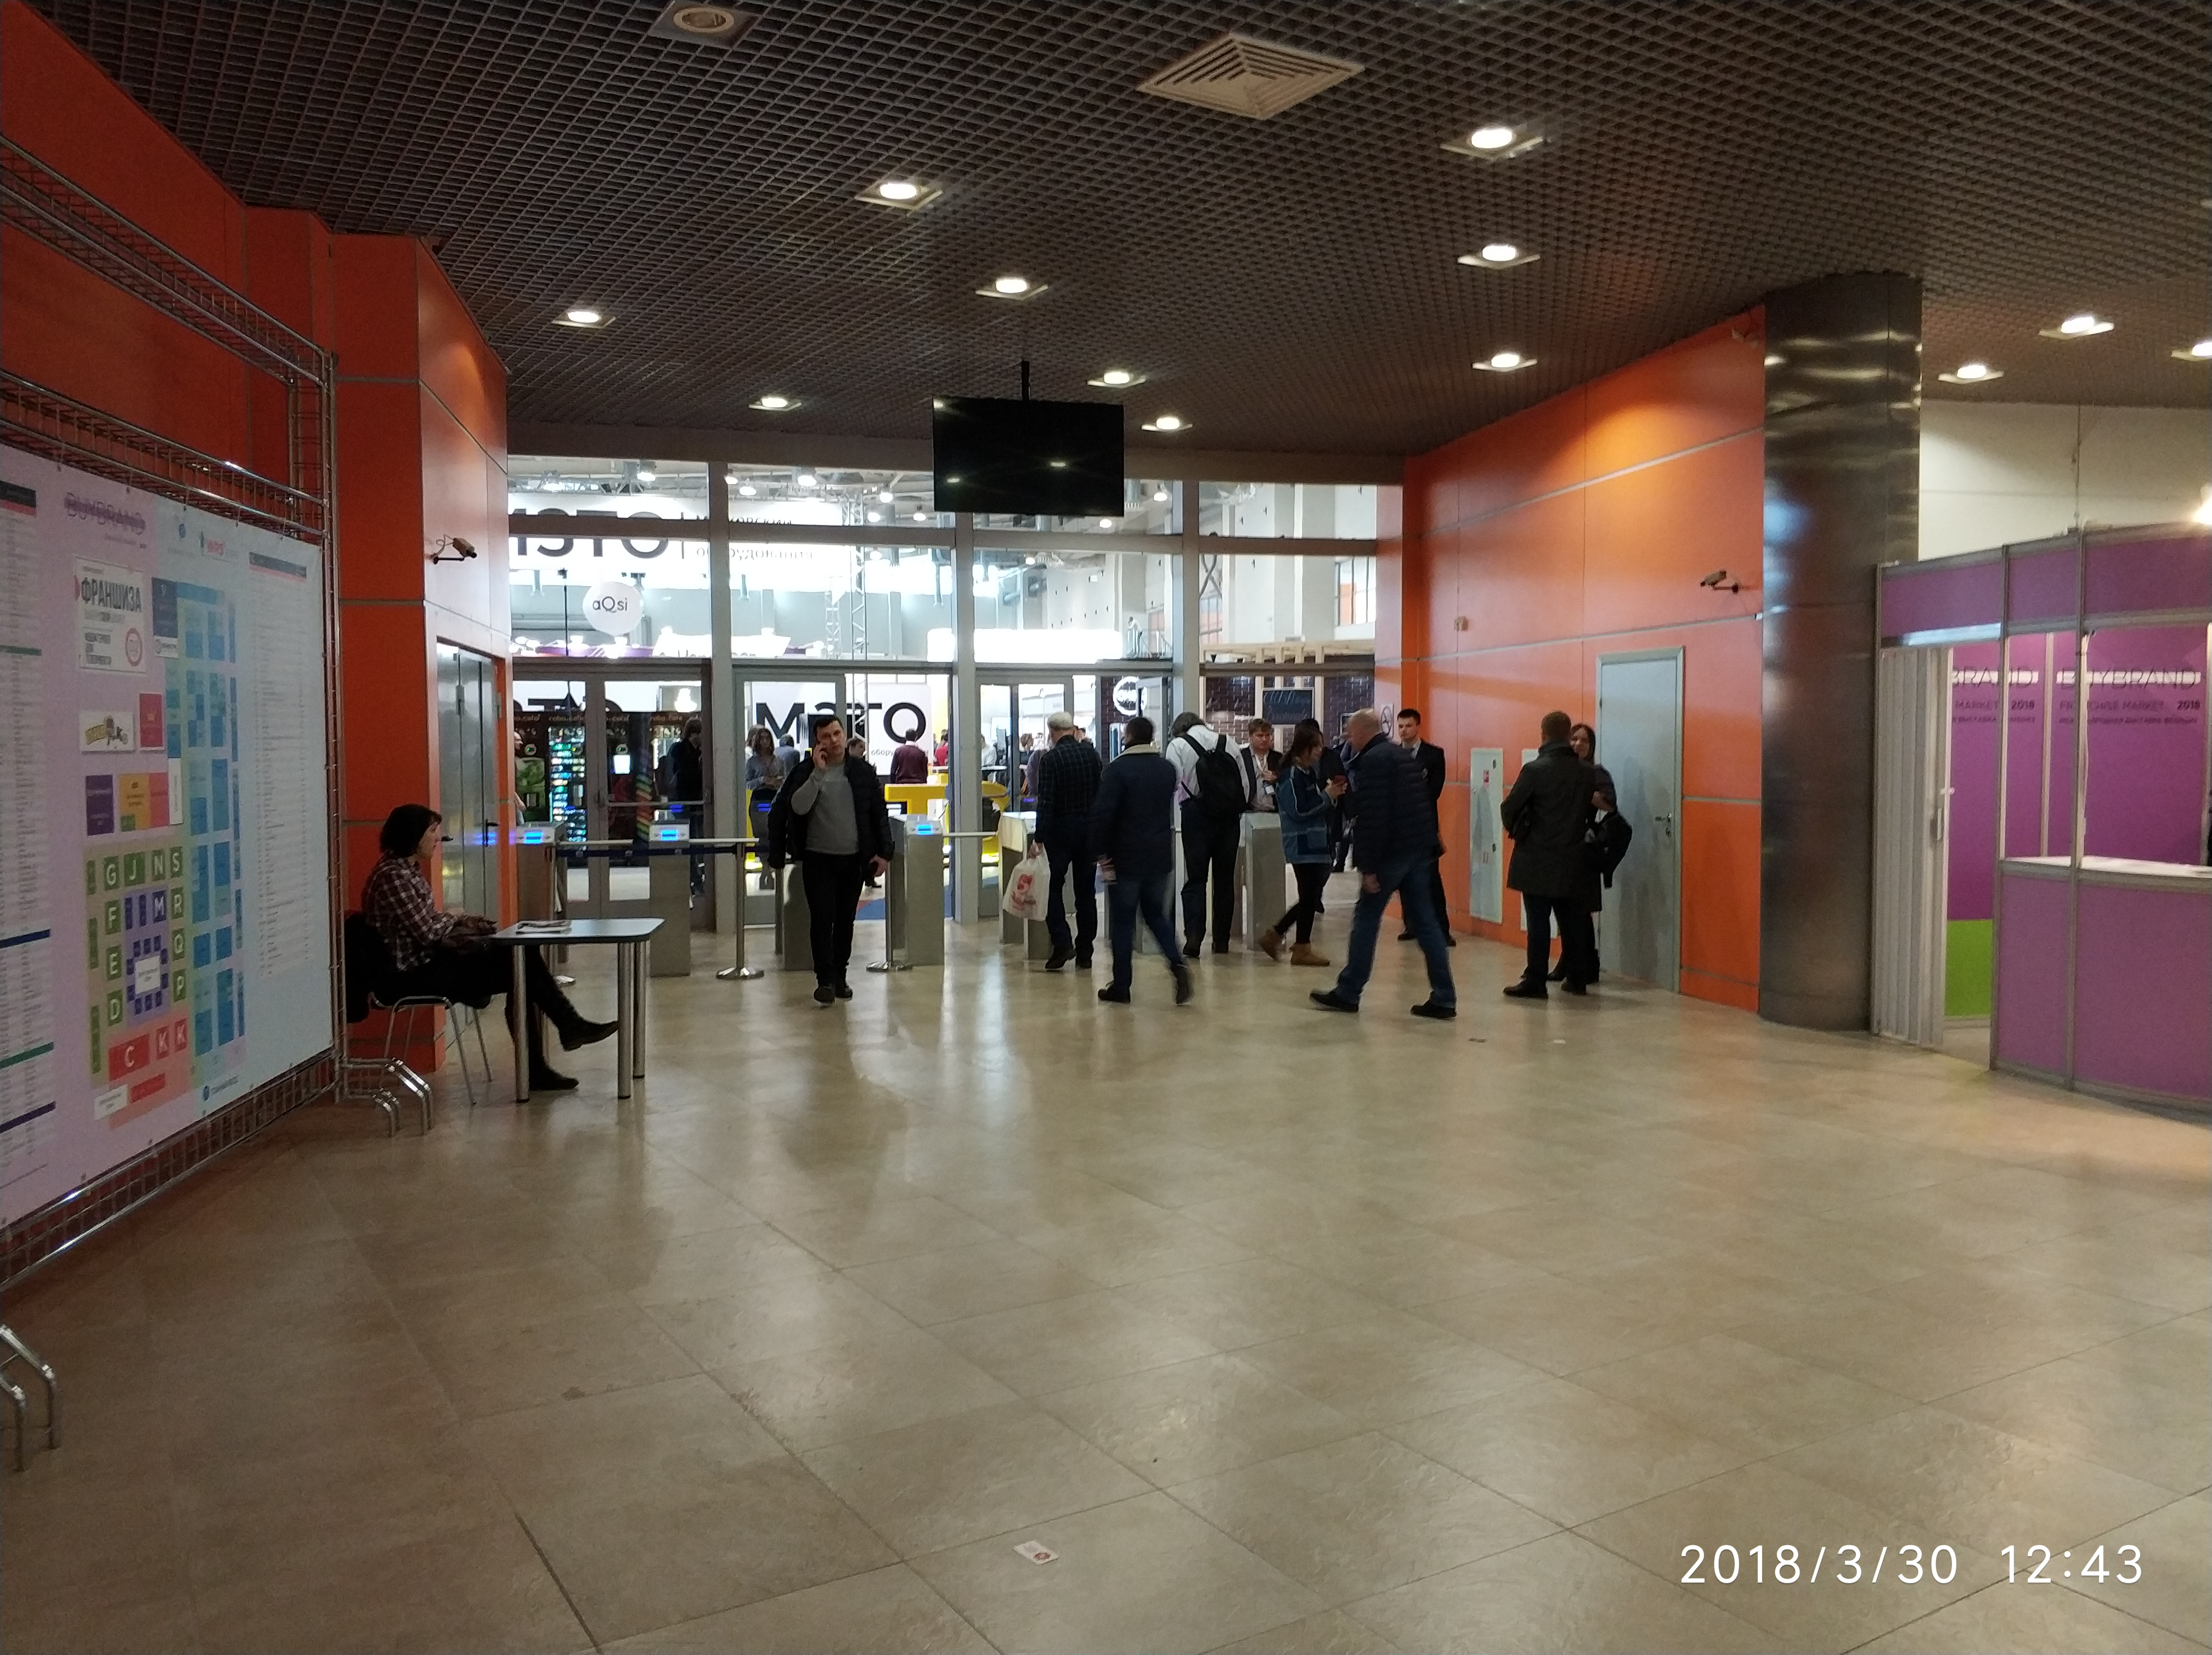 VendExpo 2018. Вход в зал В выставки от 02.04.2018 11:16:00